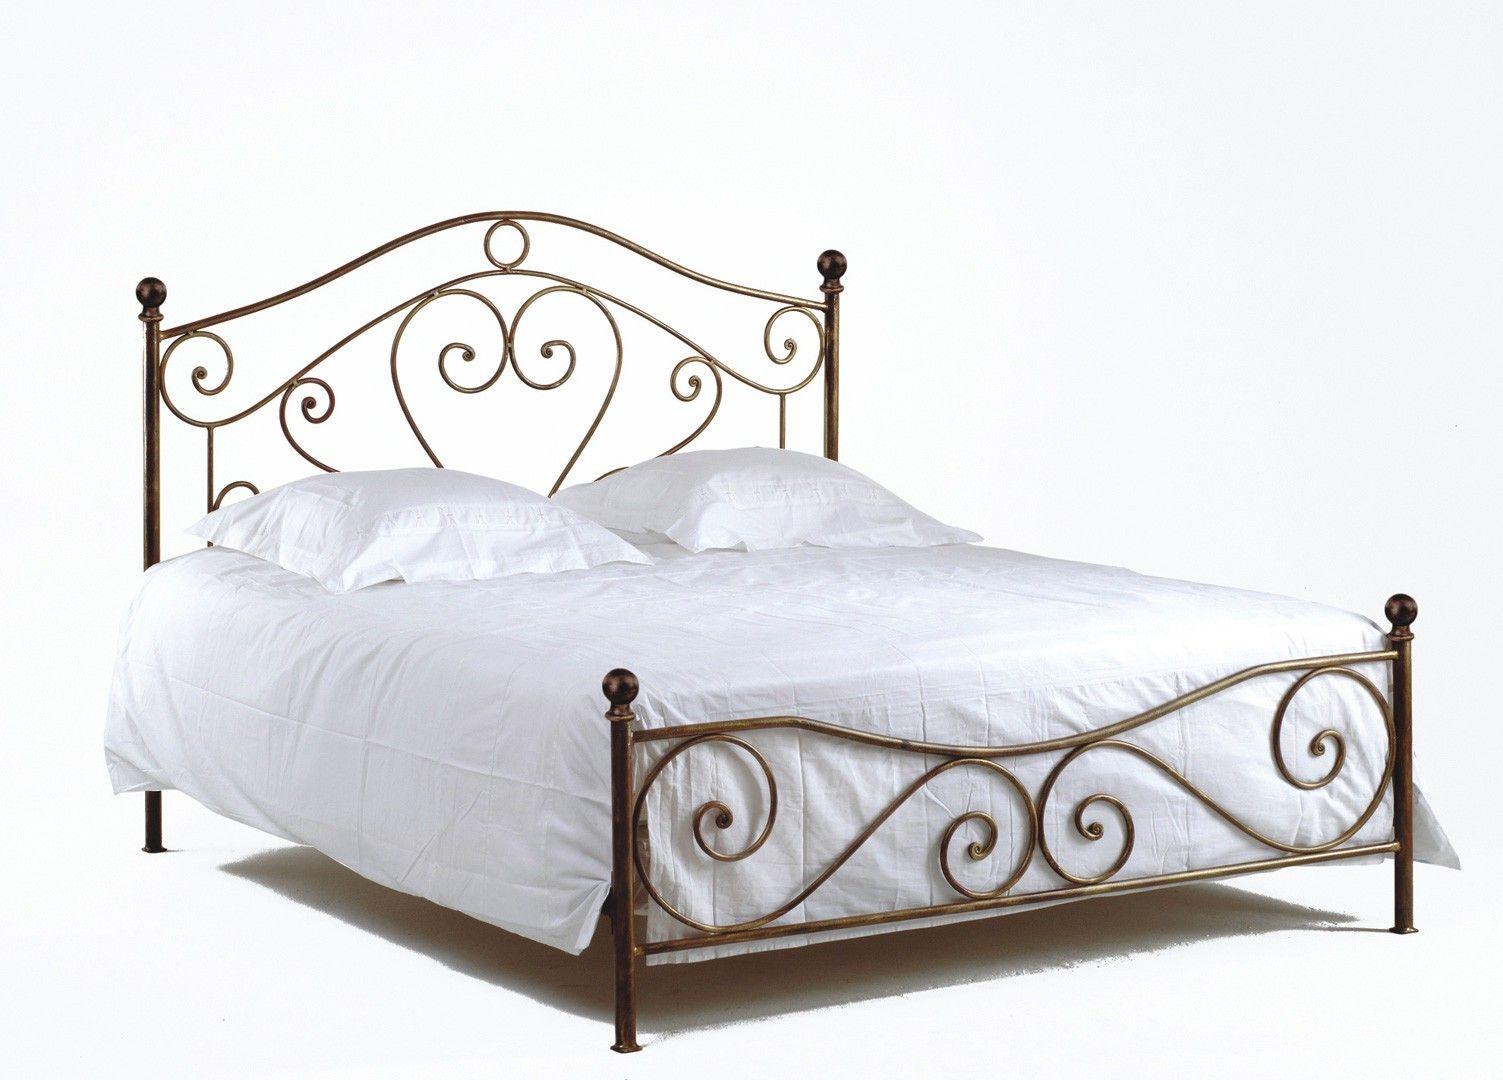 lit en fer forge bed frame bed